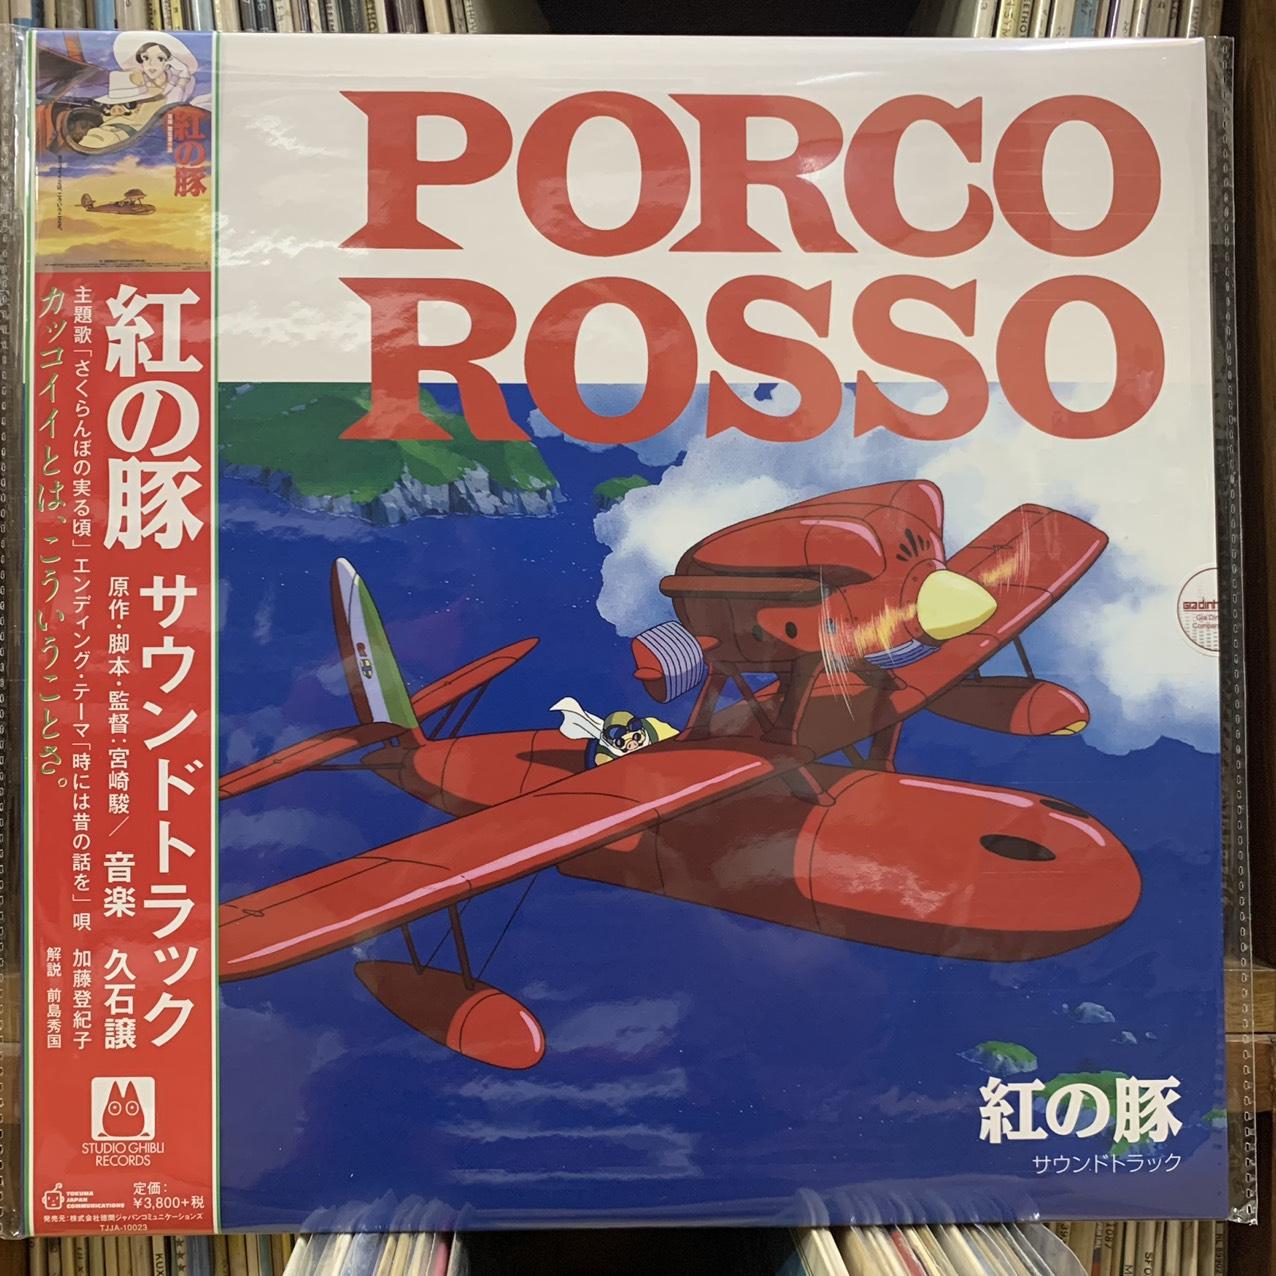 dia-than-lp-porco-rosso-chu-heo-mau-do-soundtrack-studio-ghibli